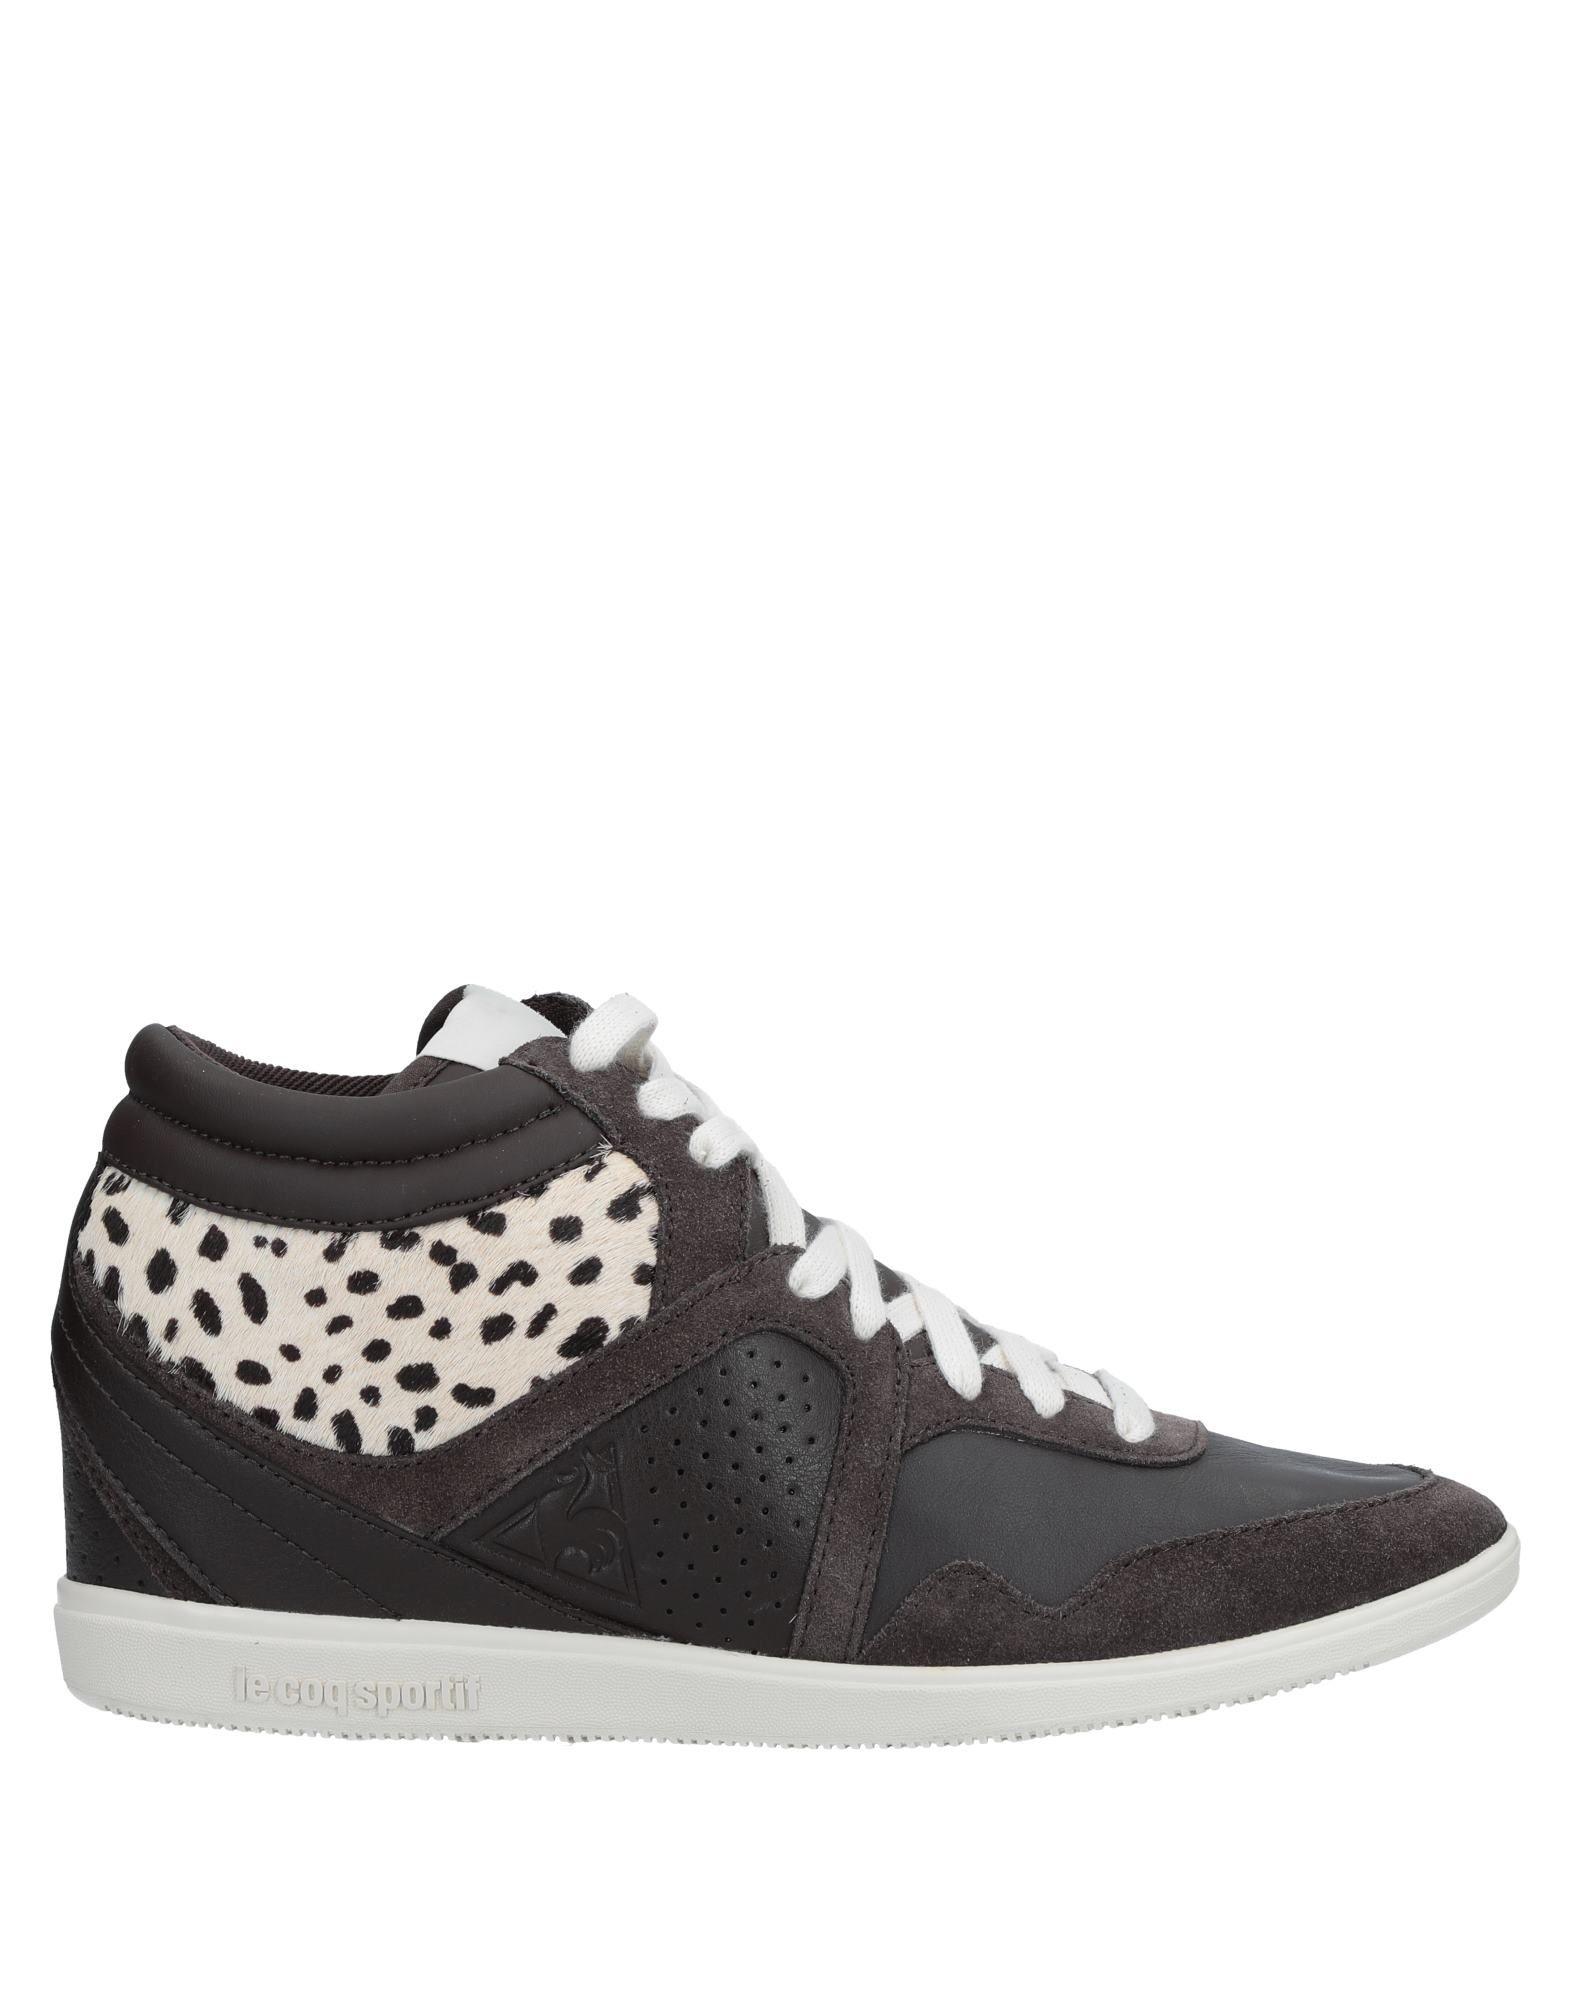 Sneakers Le Coq Sportif Donna - 11533578DL